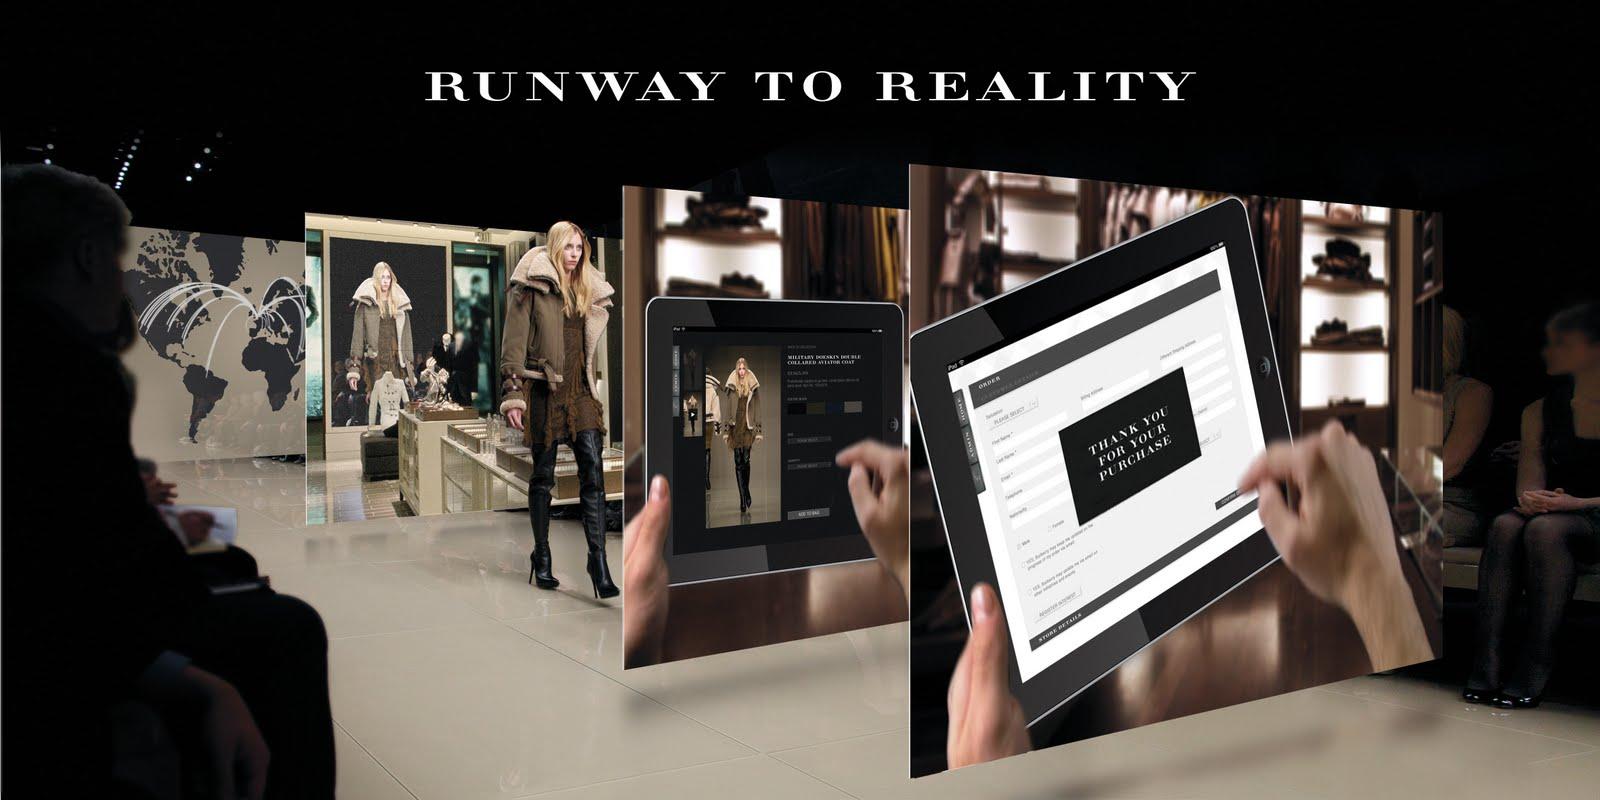 https://i1.wp.com/2.bp.blogspot.com/-AZcnkYxSsMk/USWwIK_VBLI/AAAAAAAAB14/5BwTnUxN96I/s1600/Burberry+Retail+Theatre.jpg